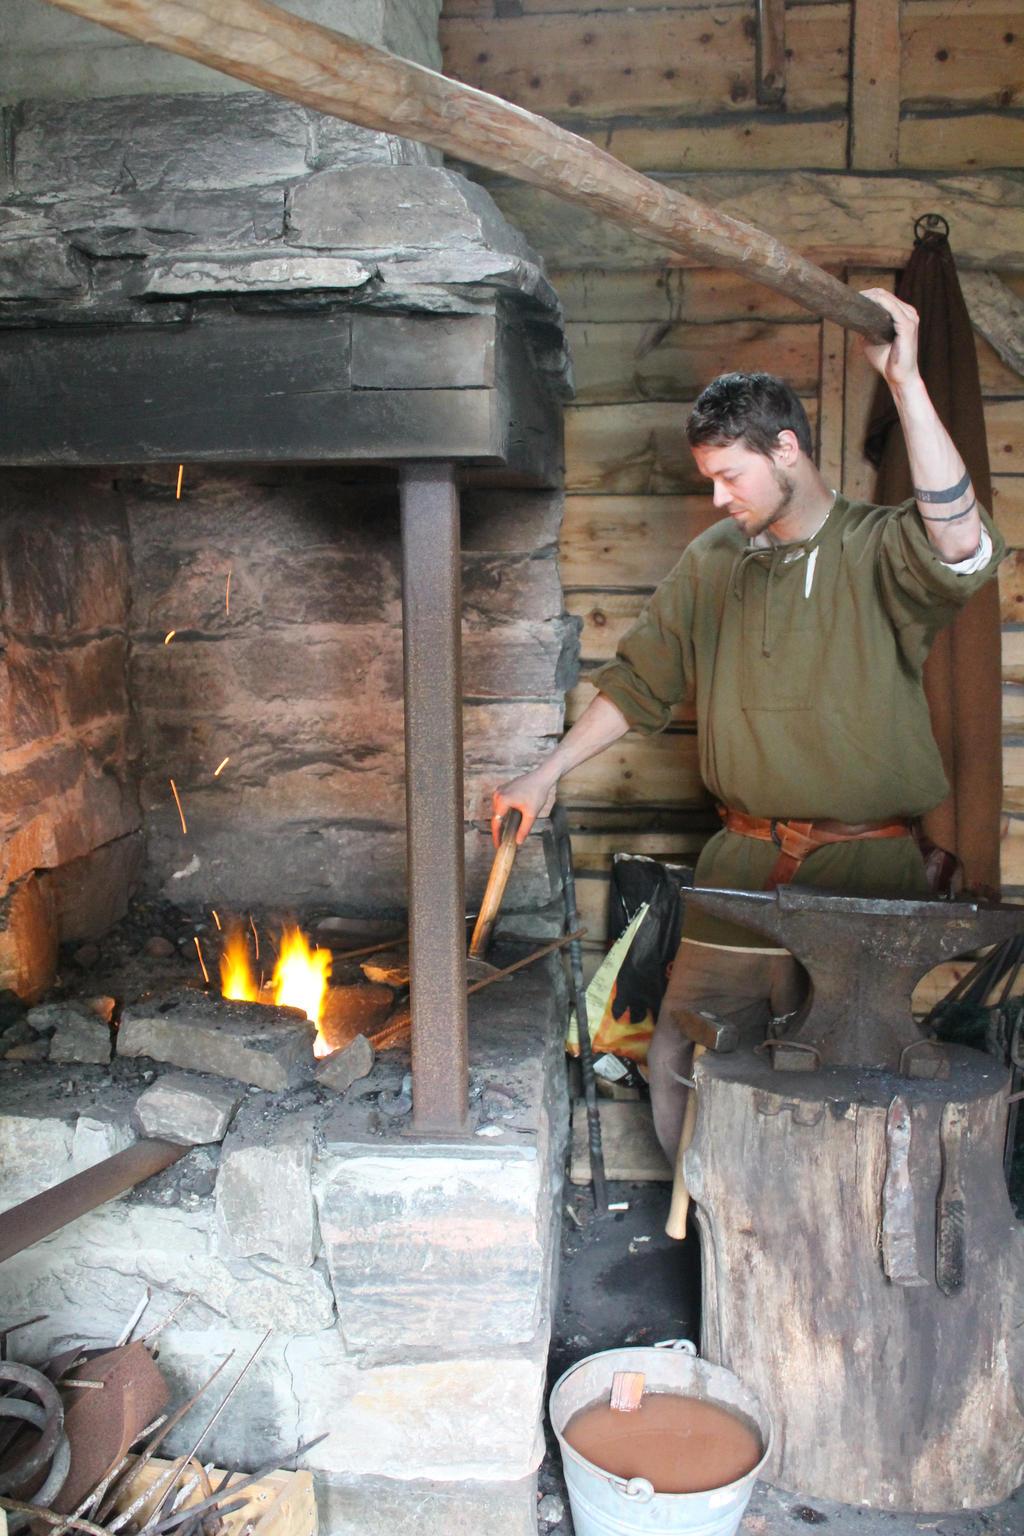 Viking blacksmith by Blodsravn